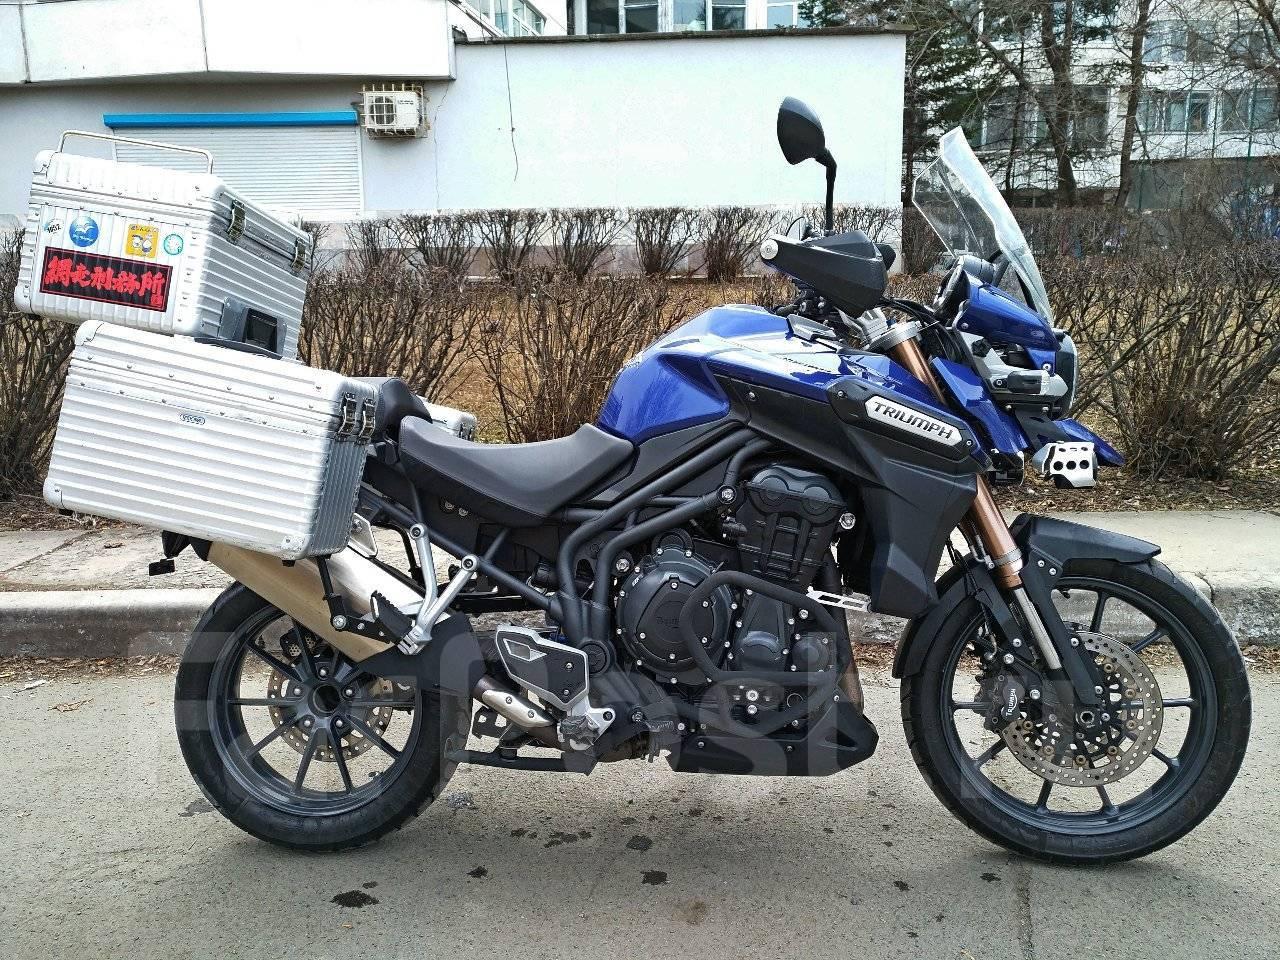 купить мотоциклы Triumph во владивостоке цены на новые и бу мотоциклы